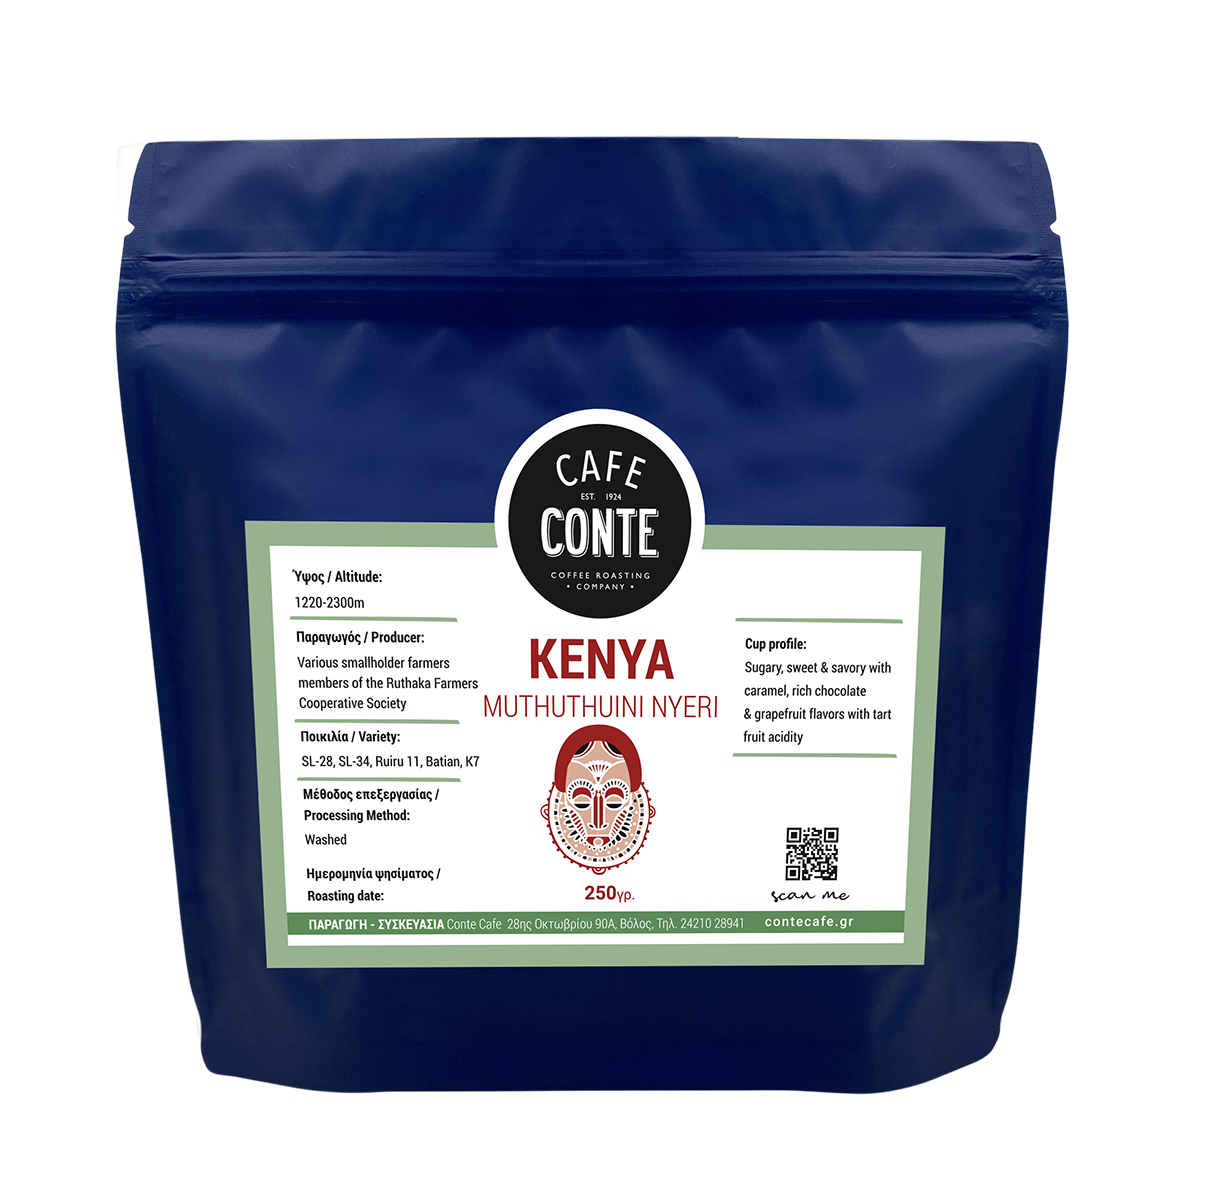 Kenya Muthuthuini Nyeri